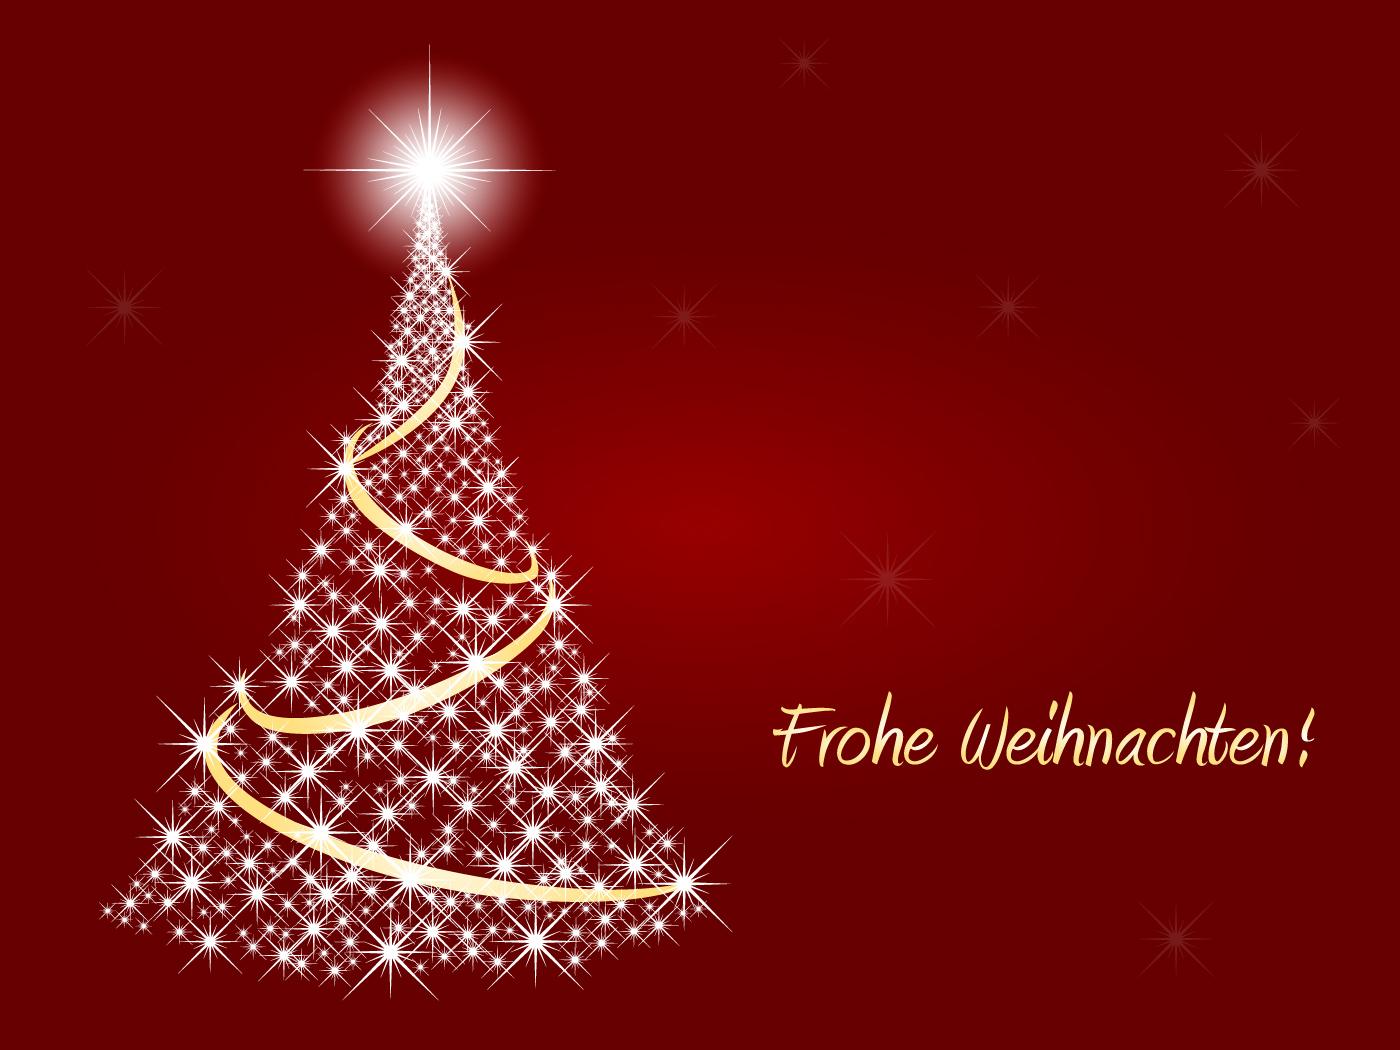 Frohe Weihnachten Musik.öffnungszeiten An Weihnachten Musik Rumberger Prutting